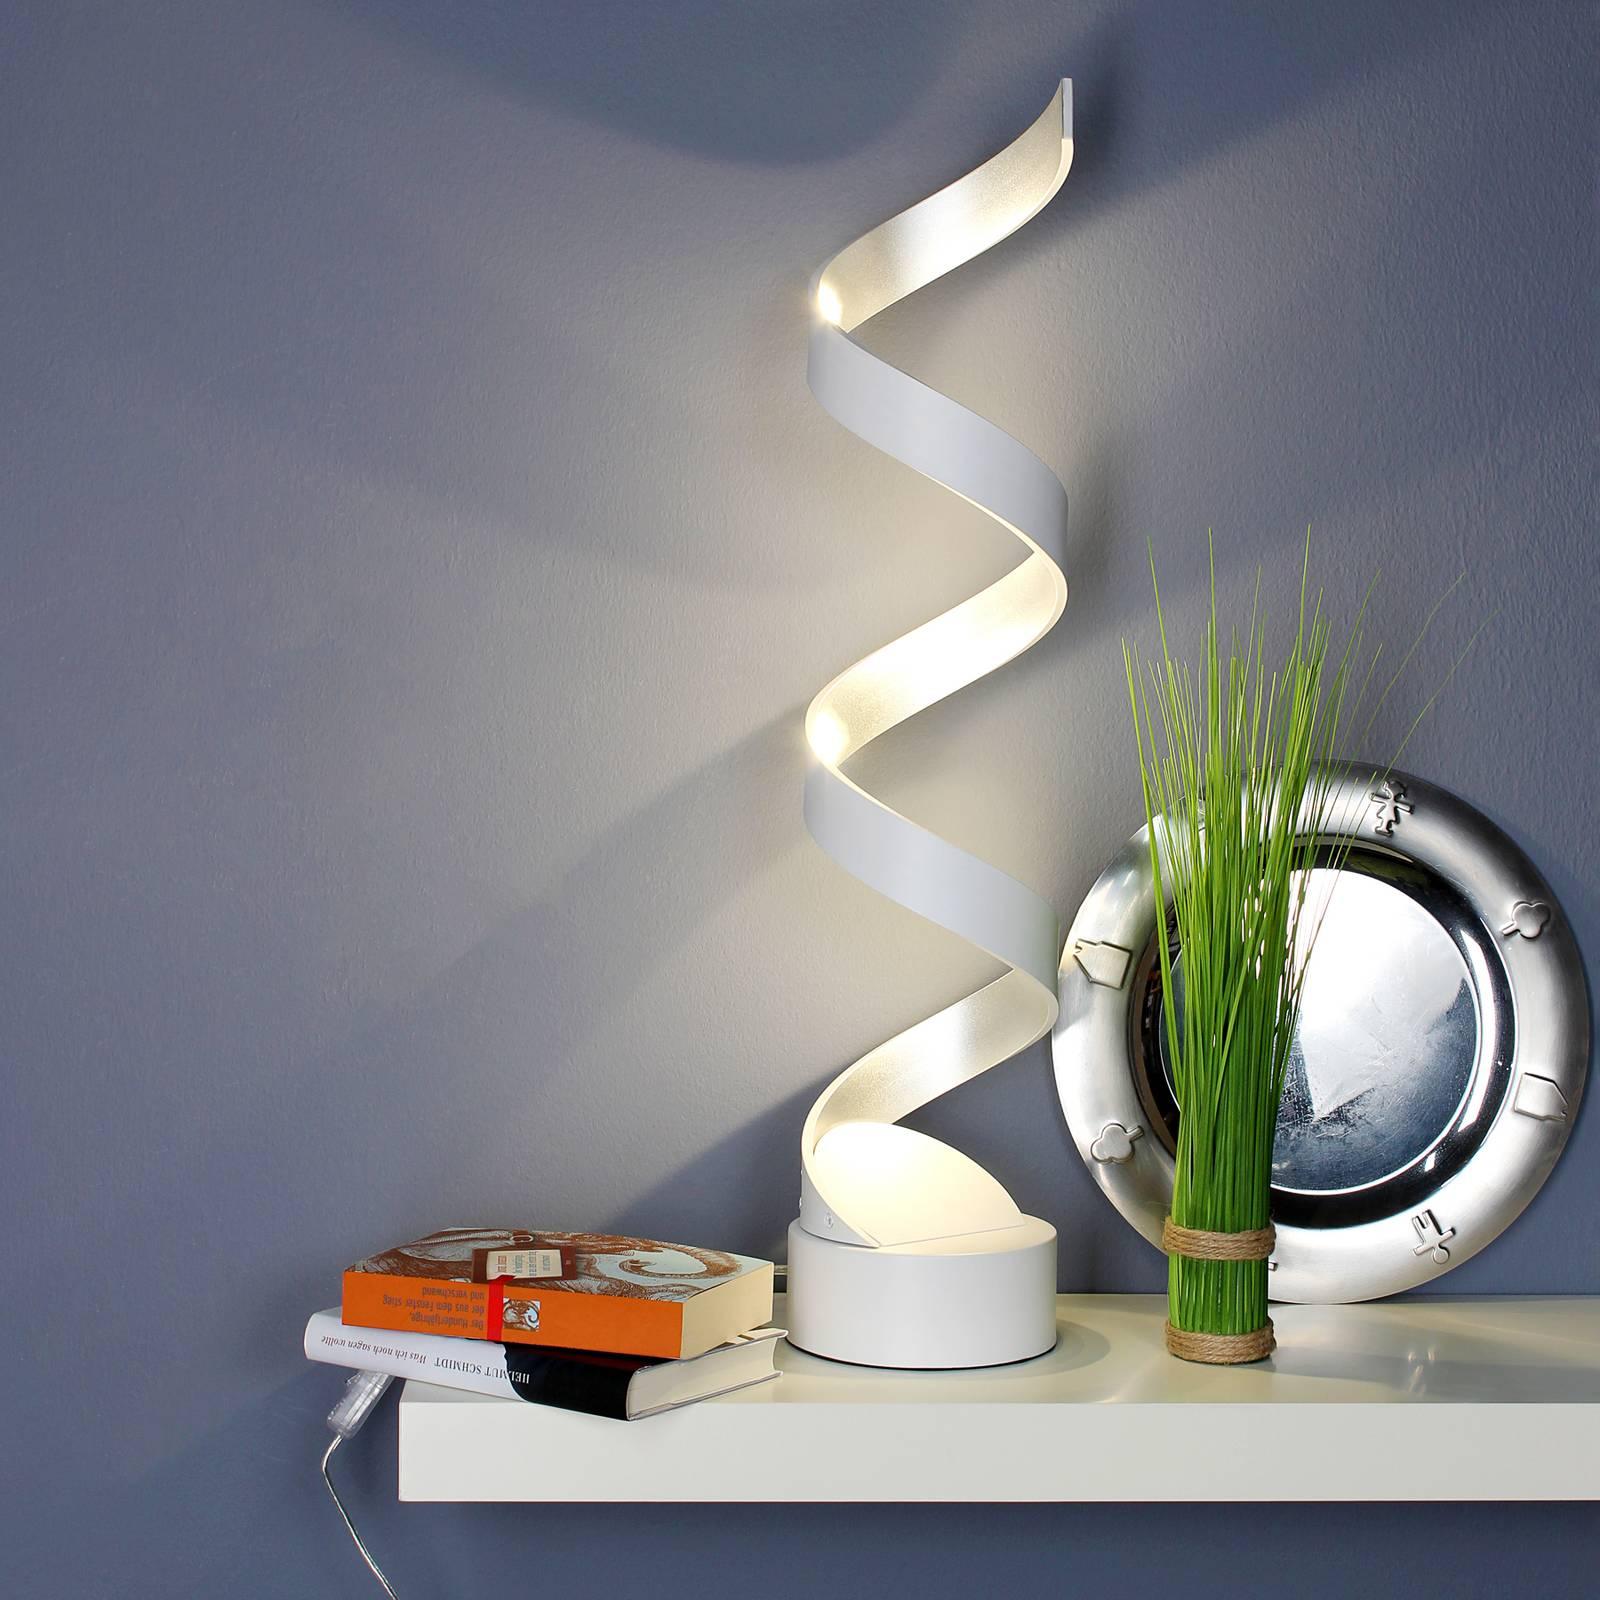 LED-pöytävalaisin Helix, 74 cm, valkoinen-hopea